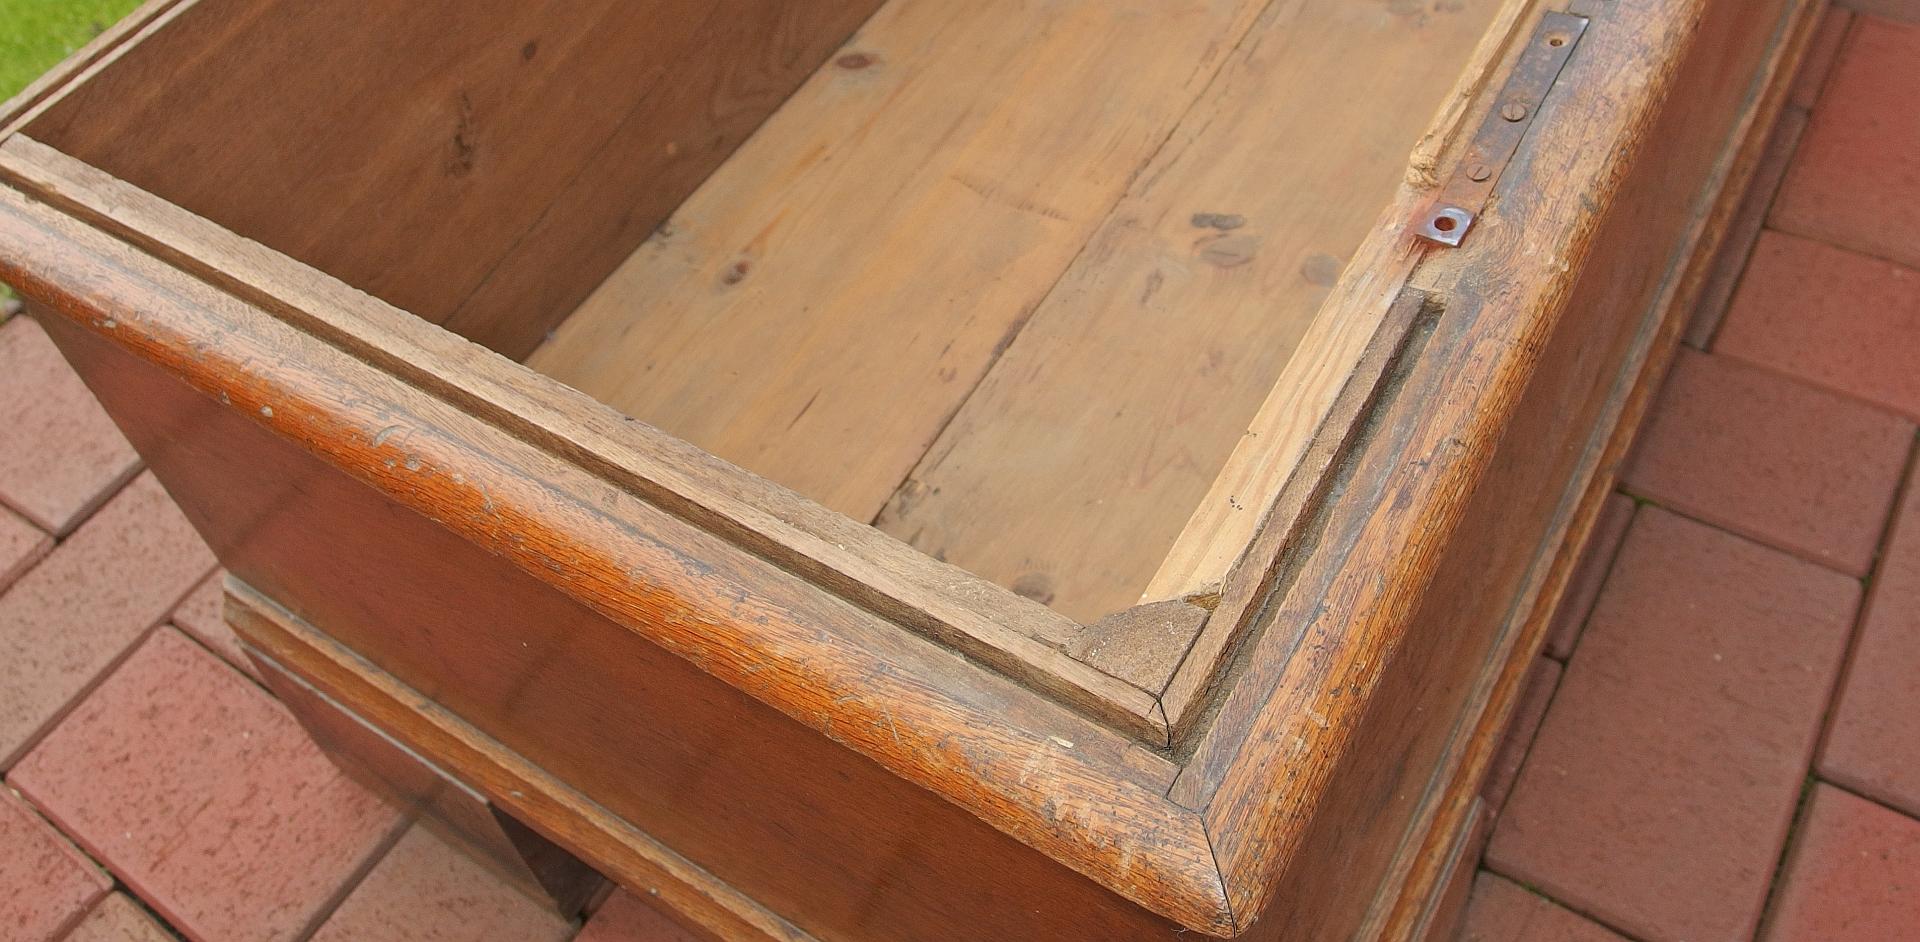 Erfreut Alter Holzschrank Ideen Die Designideen für Badezimmer